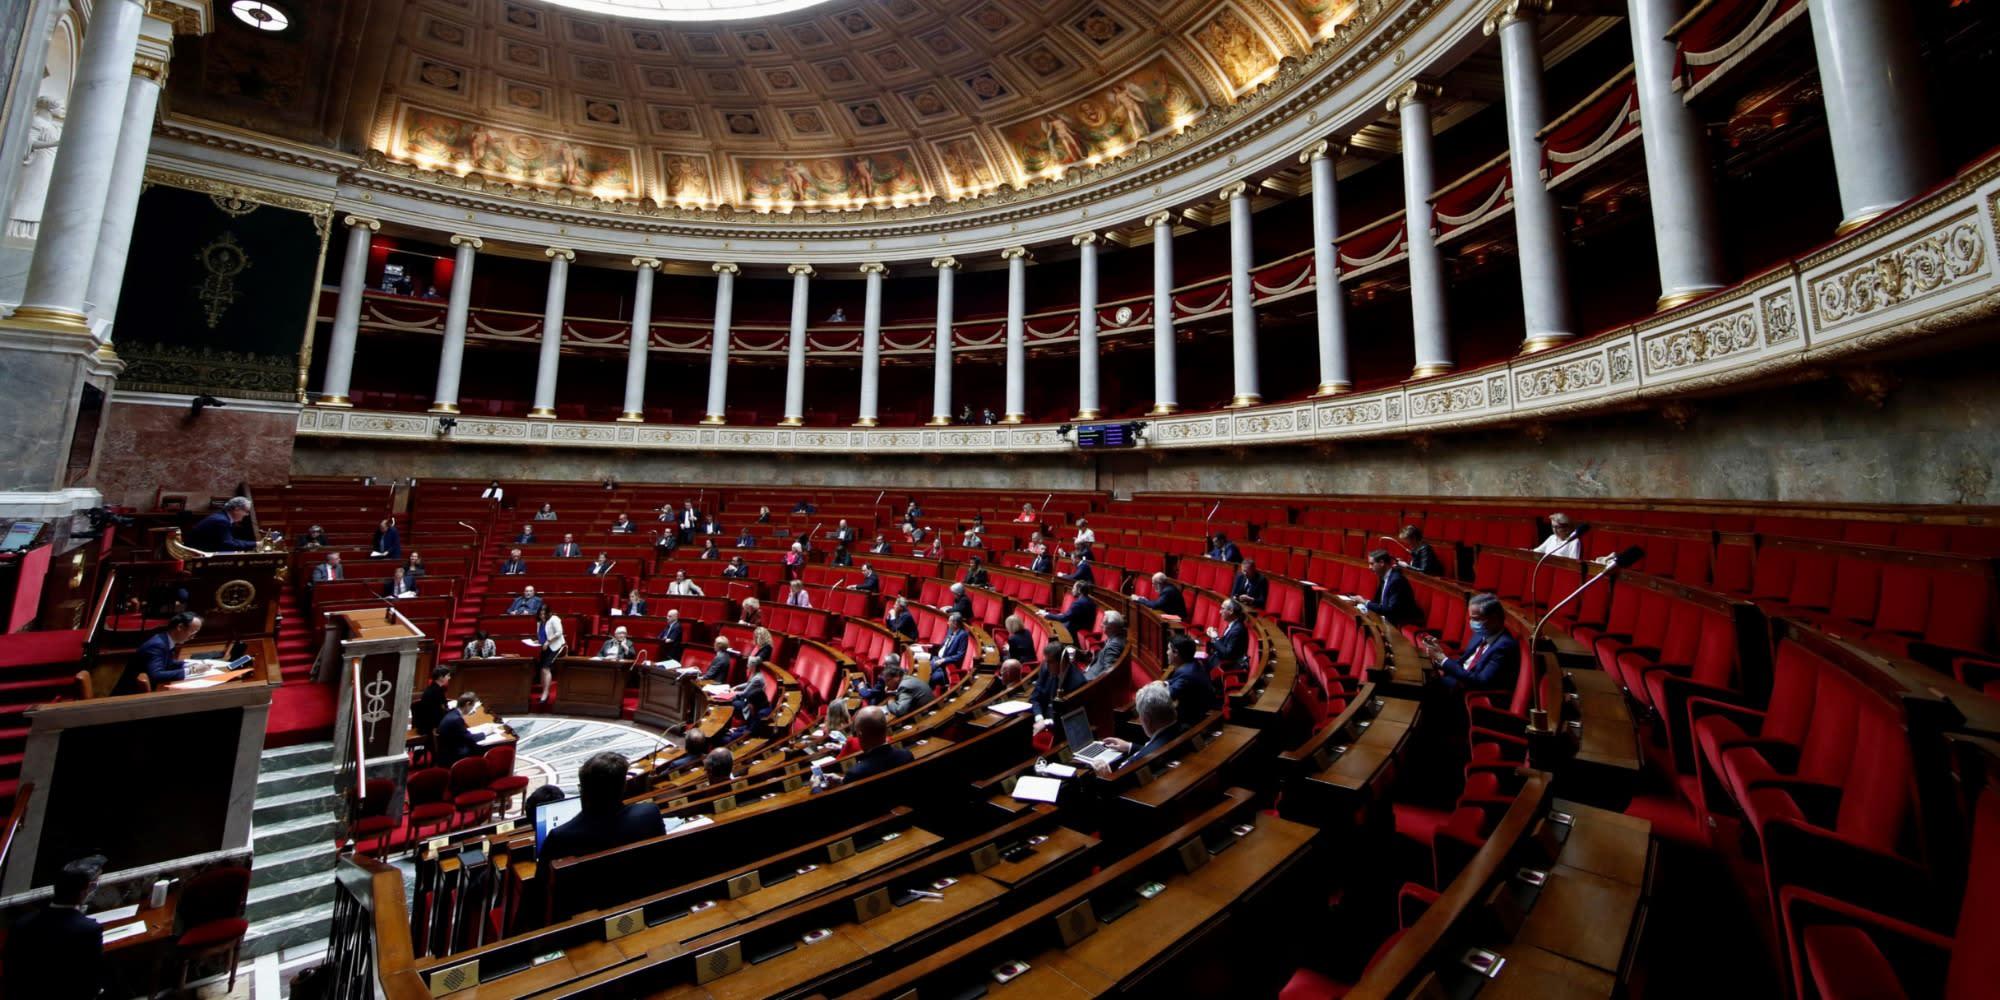 Pass sanitaire : l'Assemblée vote le nouveau texte anti-Covid